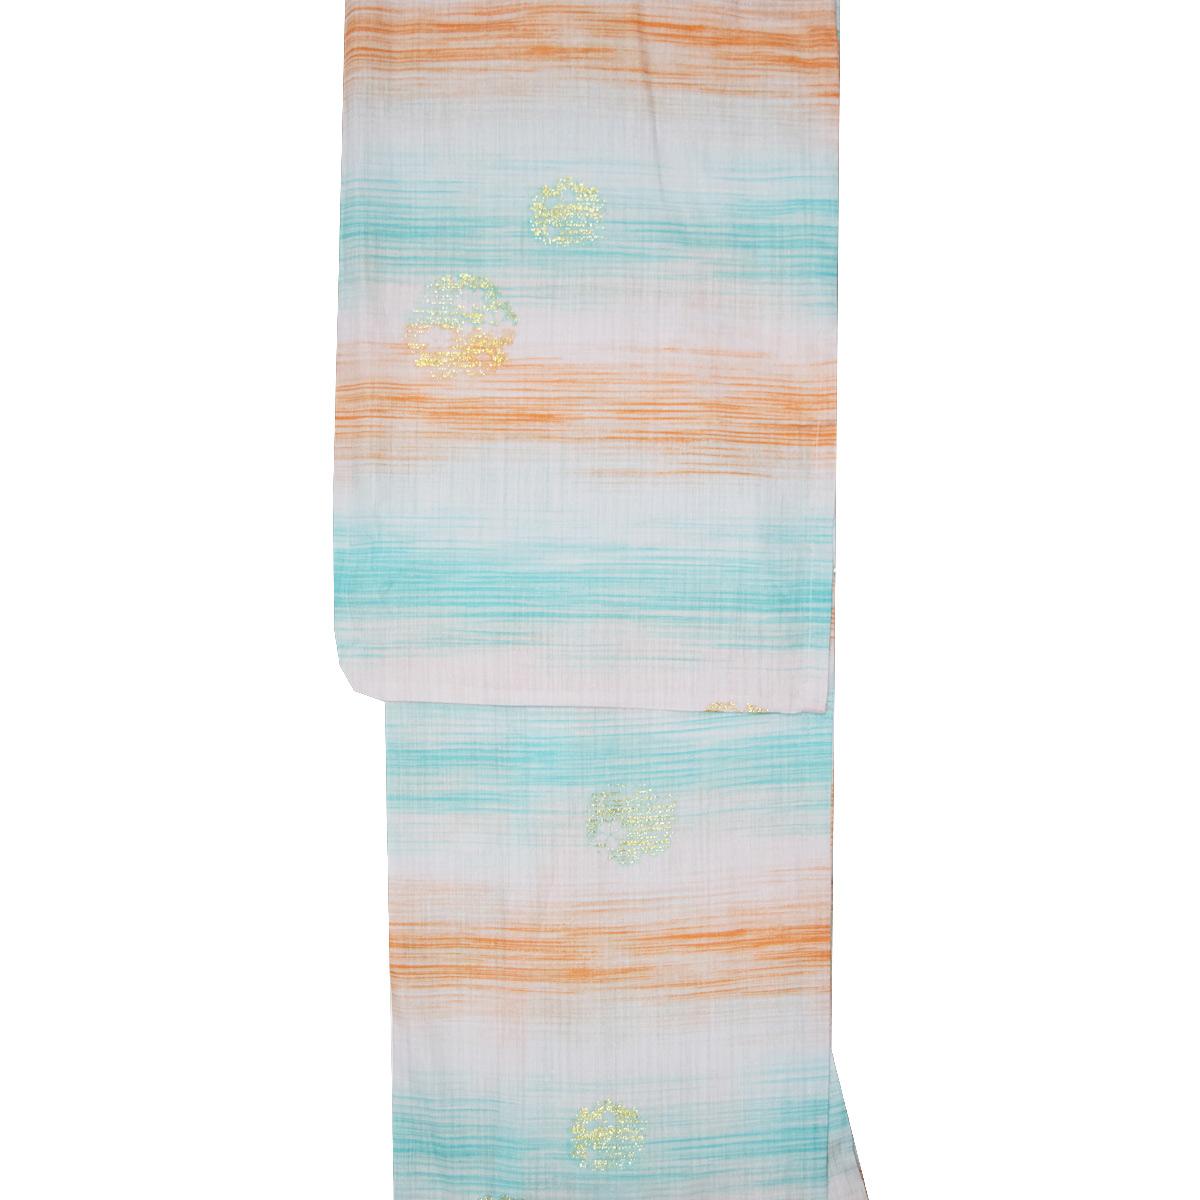 【綿麻】ブランド 浴衣 単品麻混 ゆかた yukata お祭り レトロ モダン 緑 オレンジ 白番号b501-20